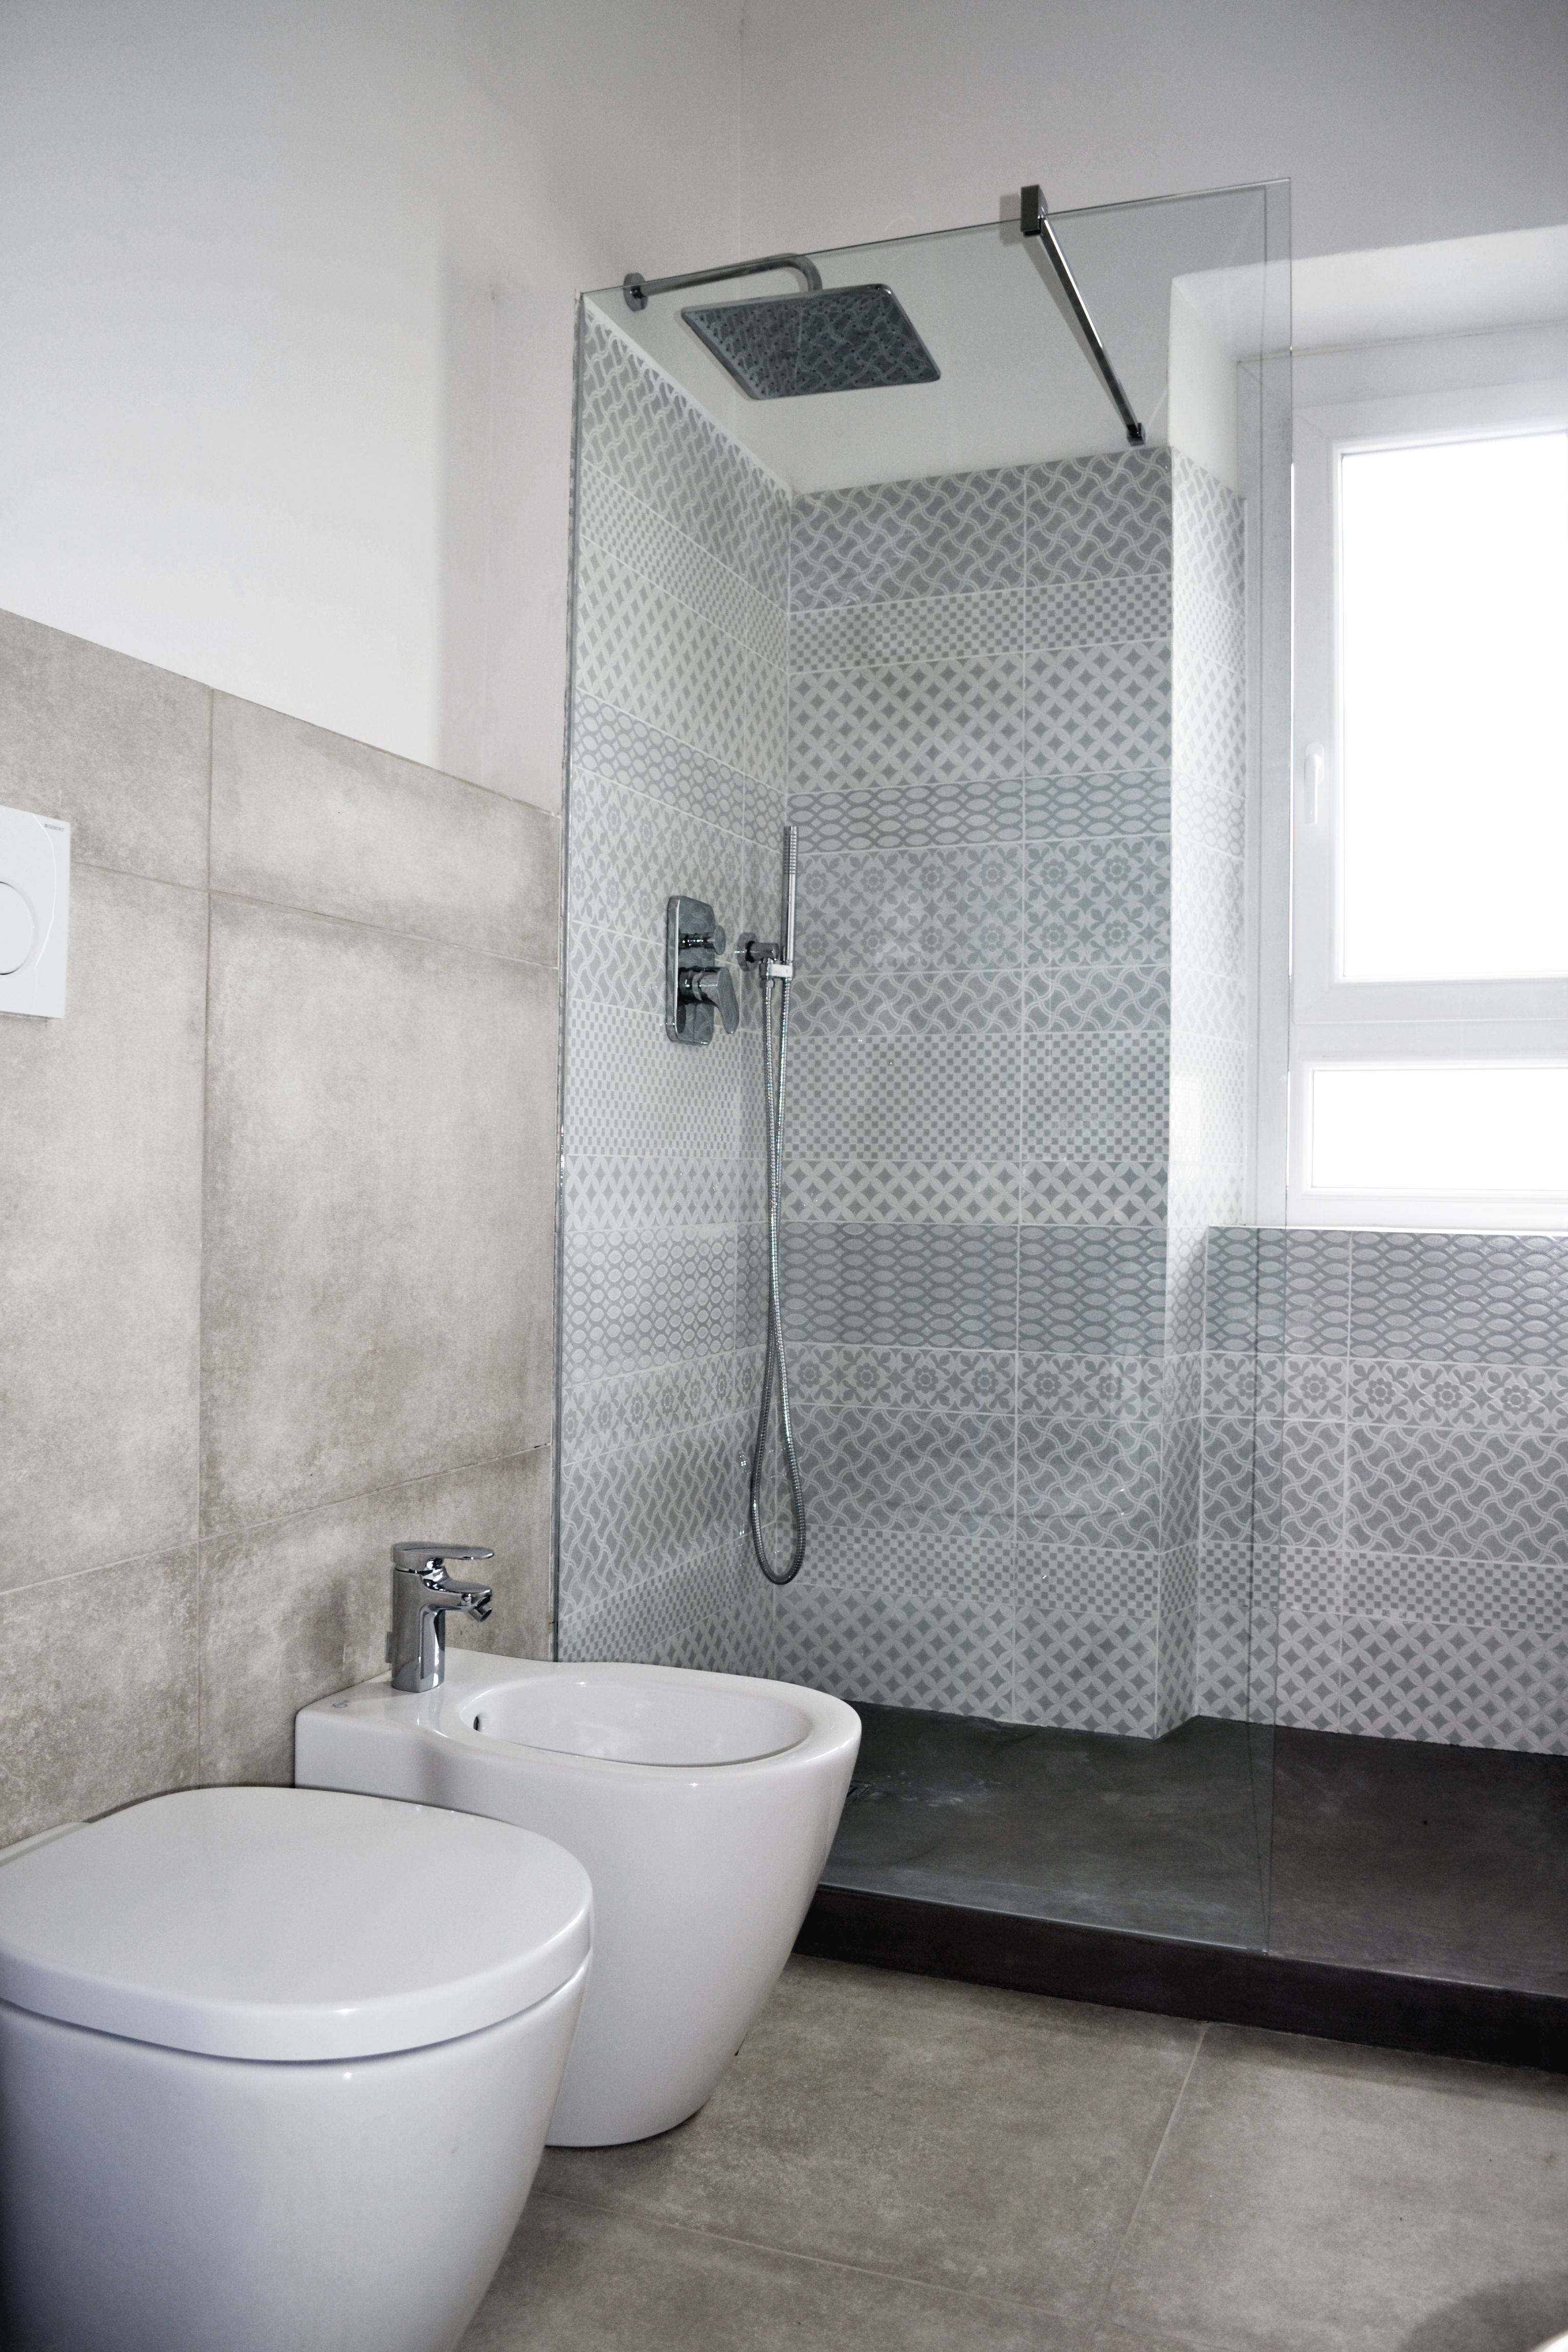 Piastrelle effetto cemento e piatto doccia in resina - Resina piastrelle bagno ...